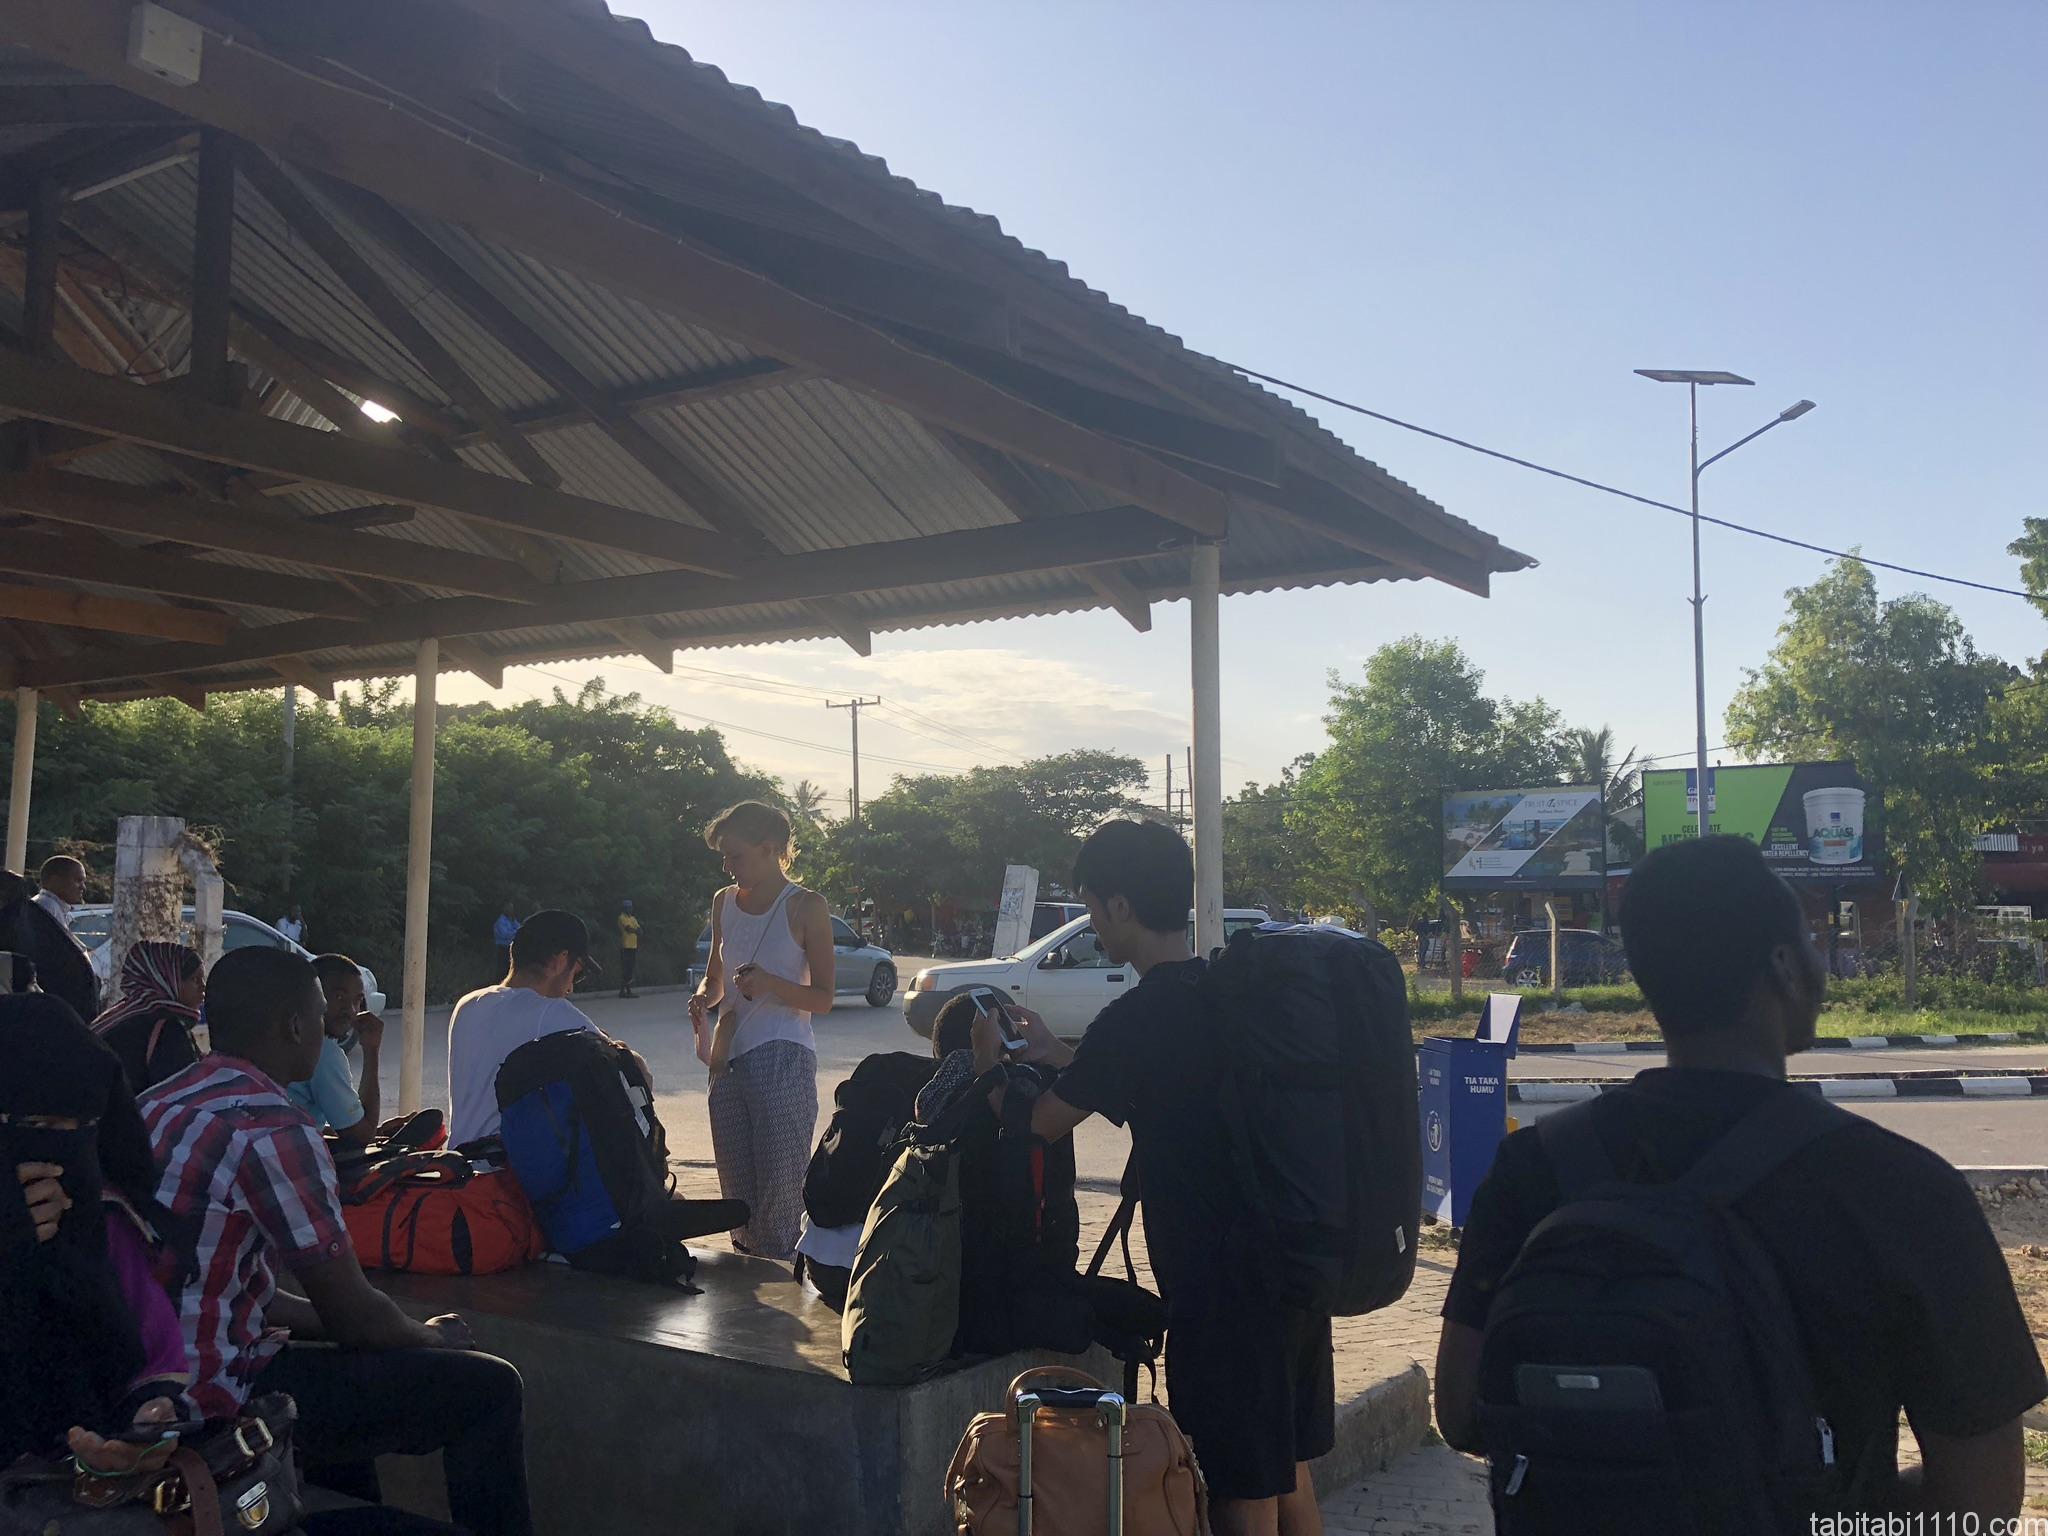 ザンジバル空港ダラダラ